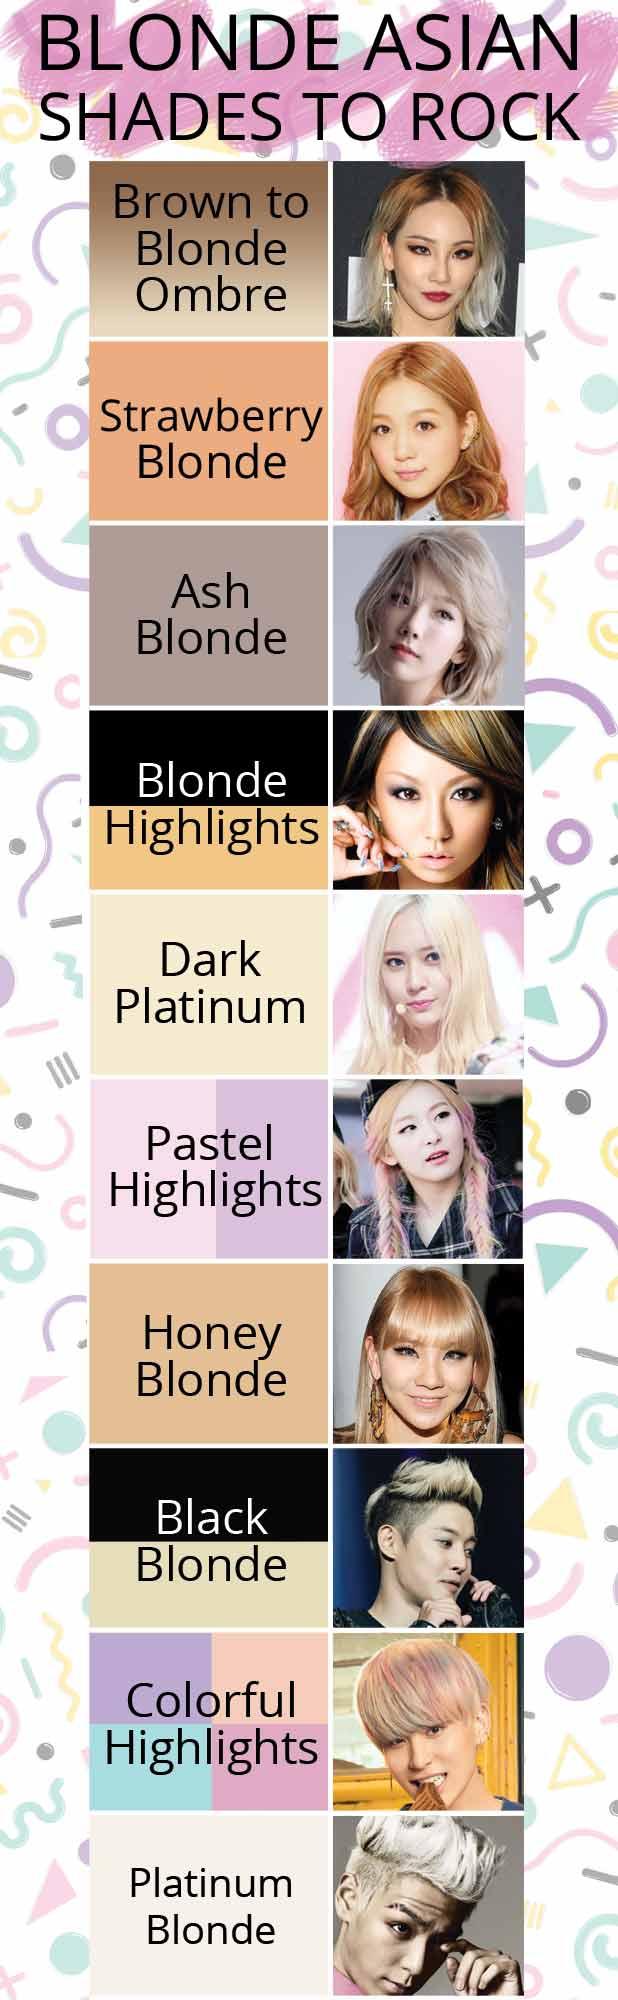 blonde-asian-hair-colors-styles-kpop-jpop-kdrama-korean-celebrities-blond